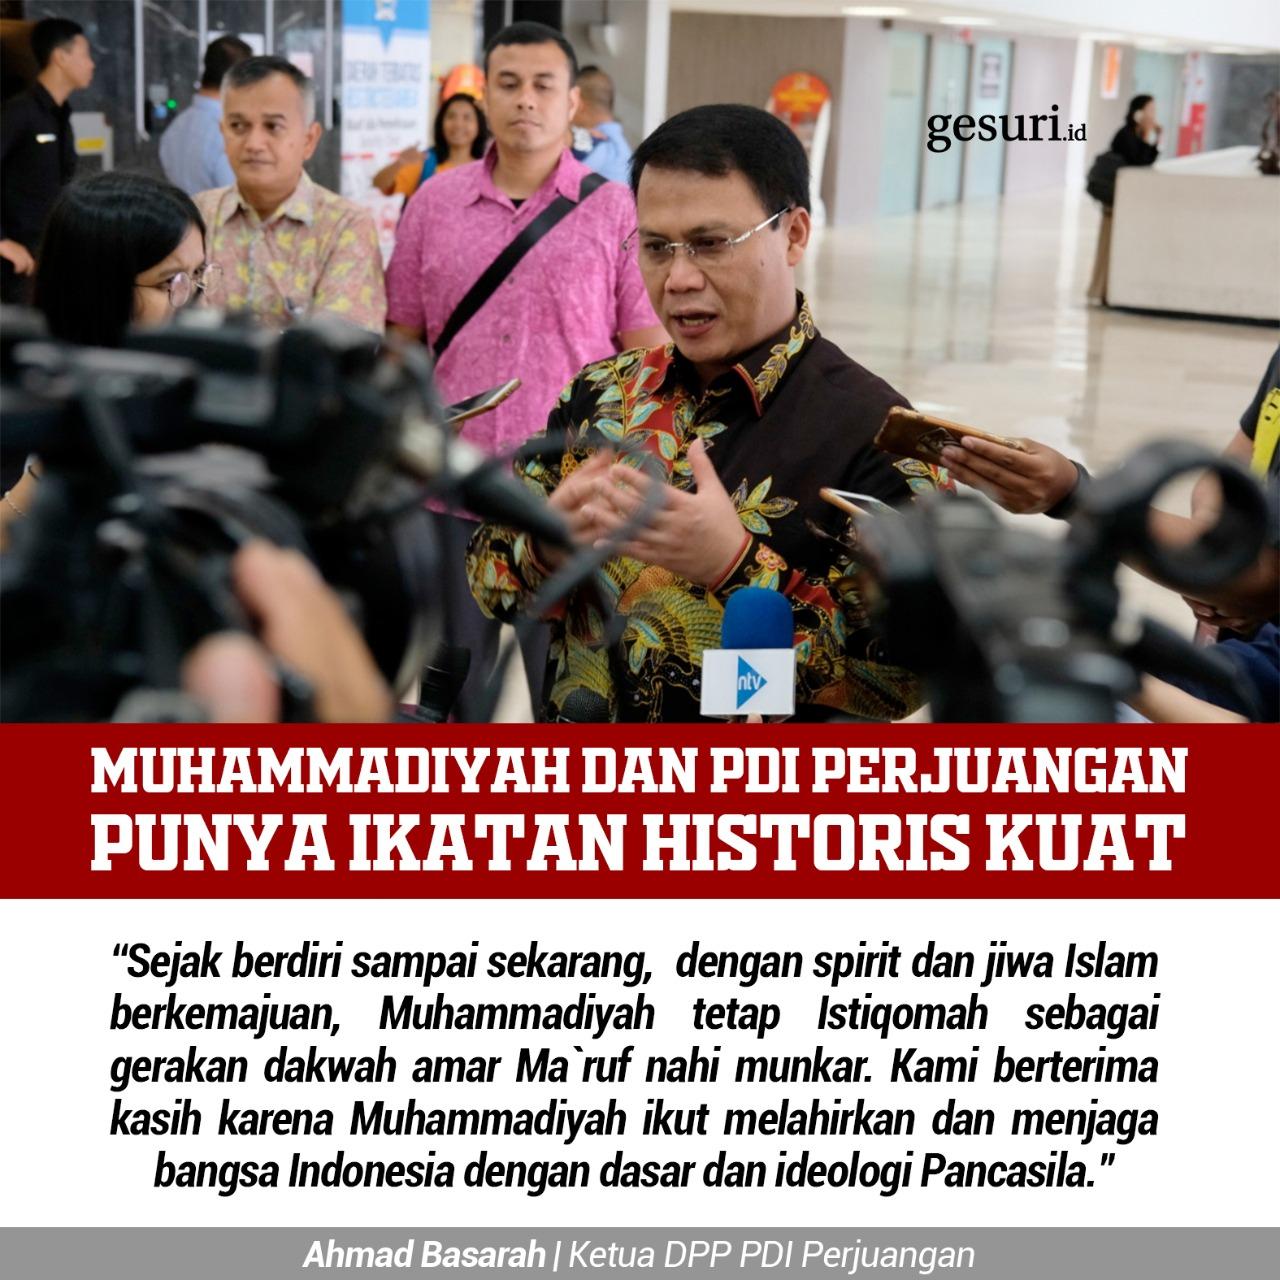 Muhammadiyah dan PDI Perjuangan Punya Ikatan Historis Kuat